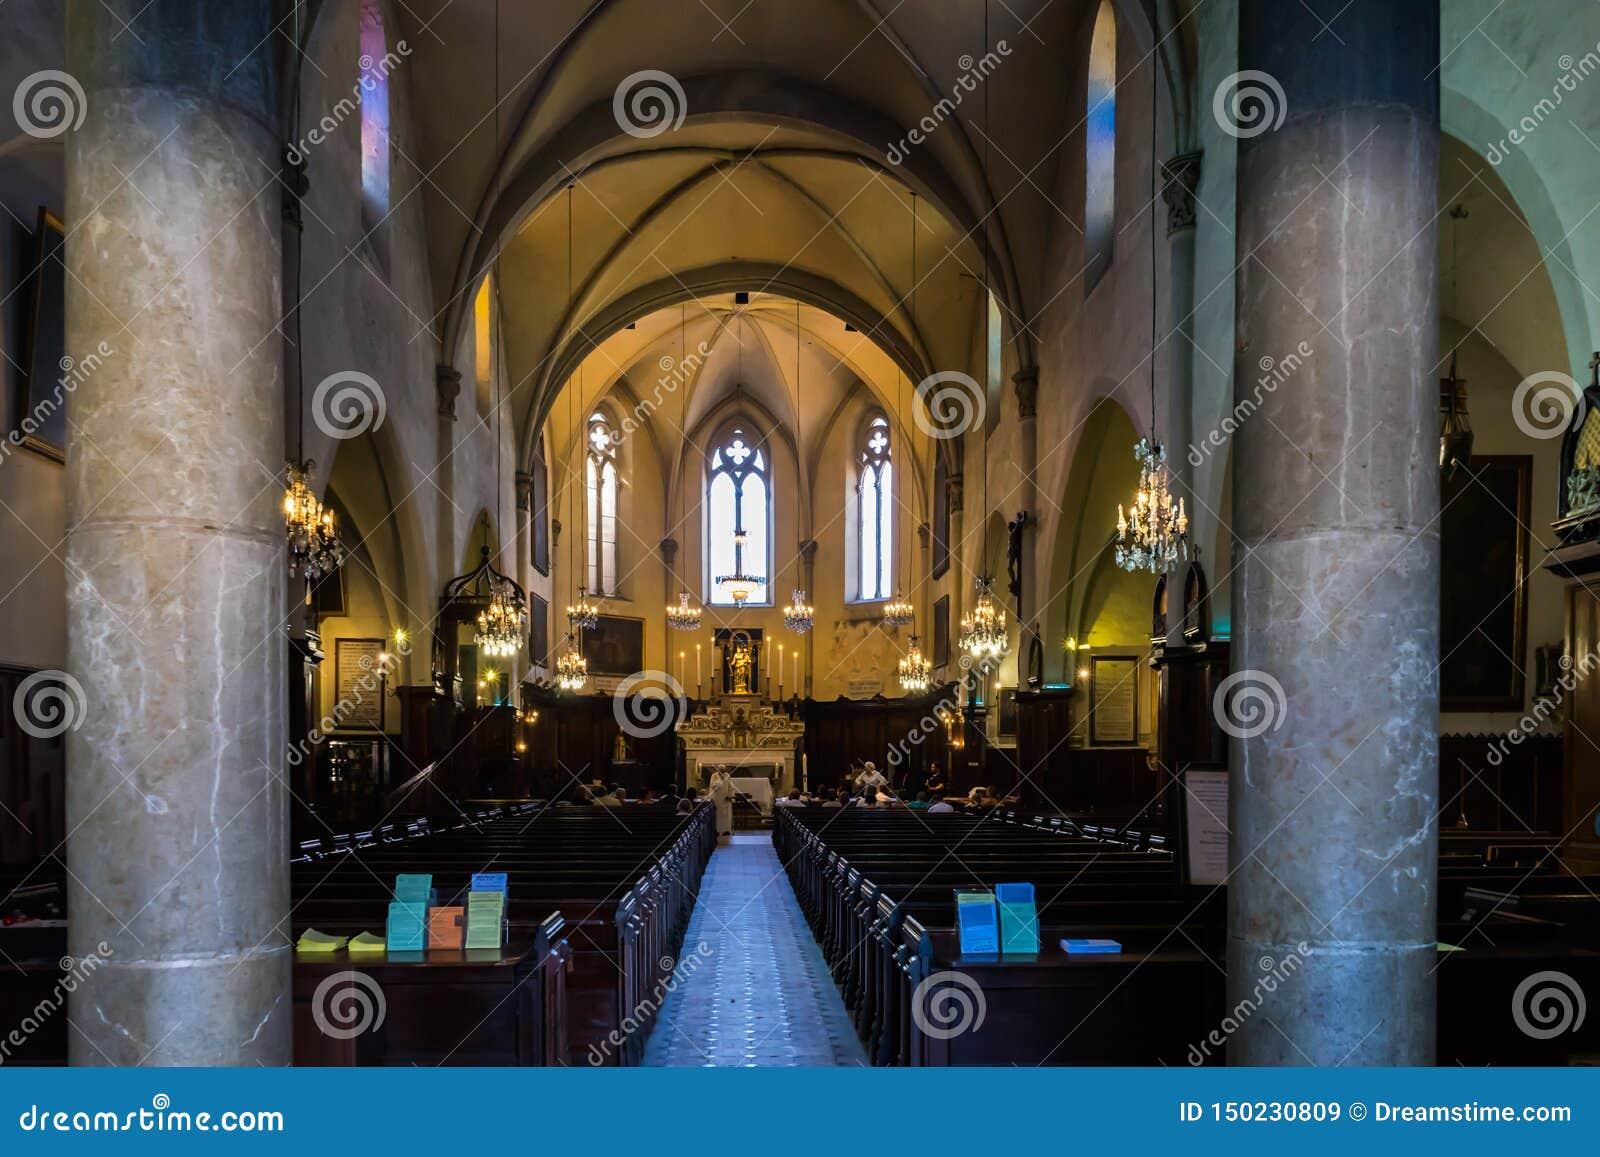 戛纳天主教会